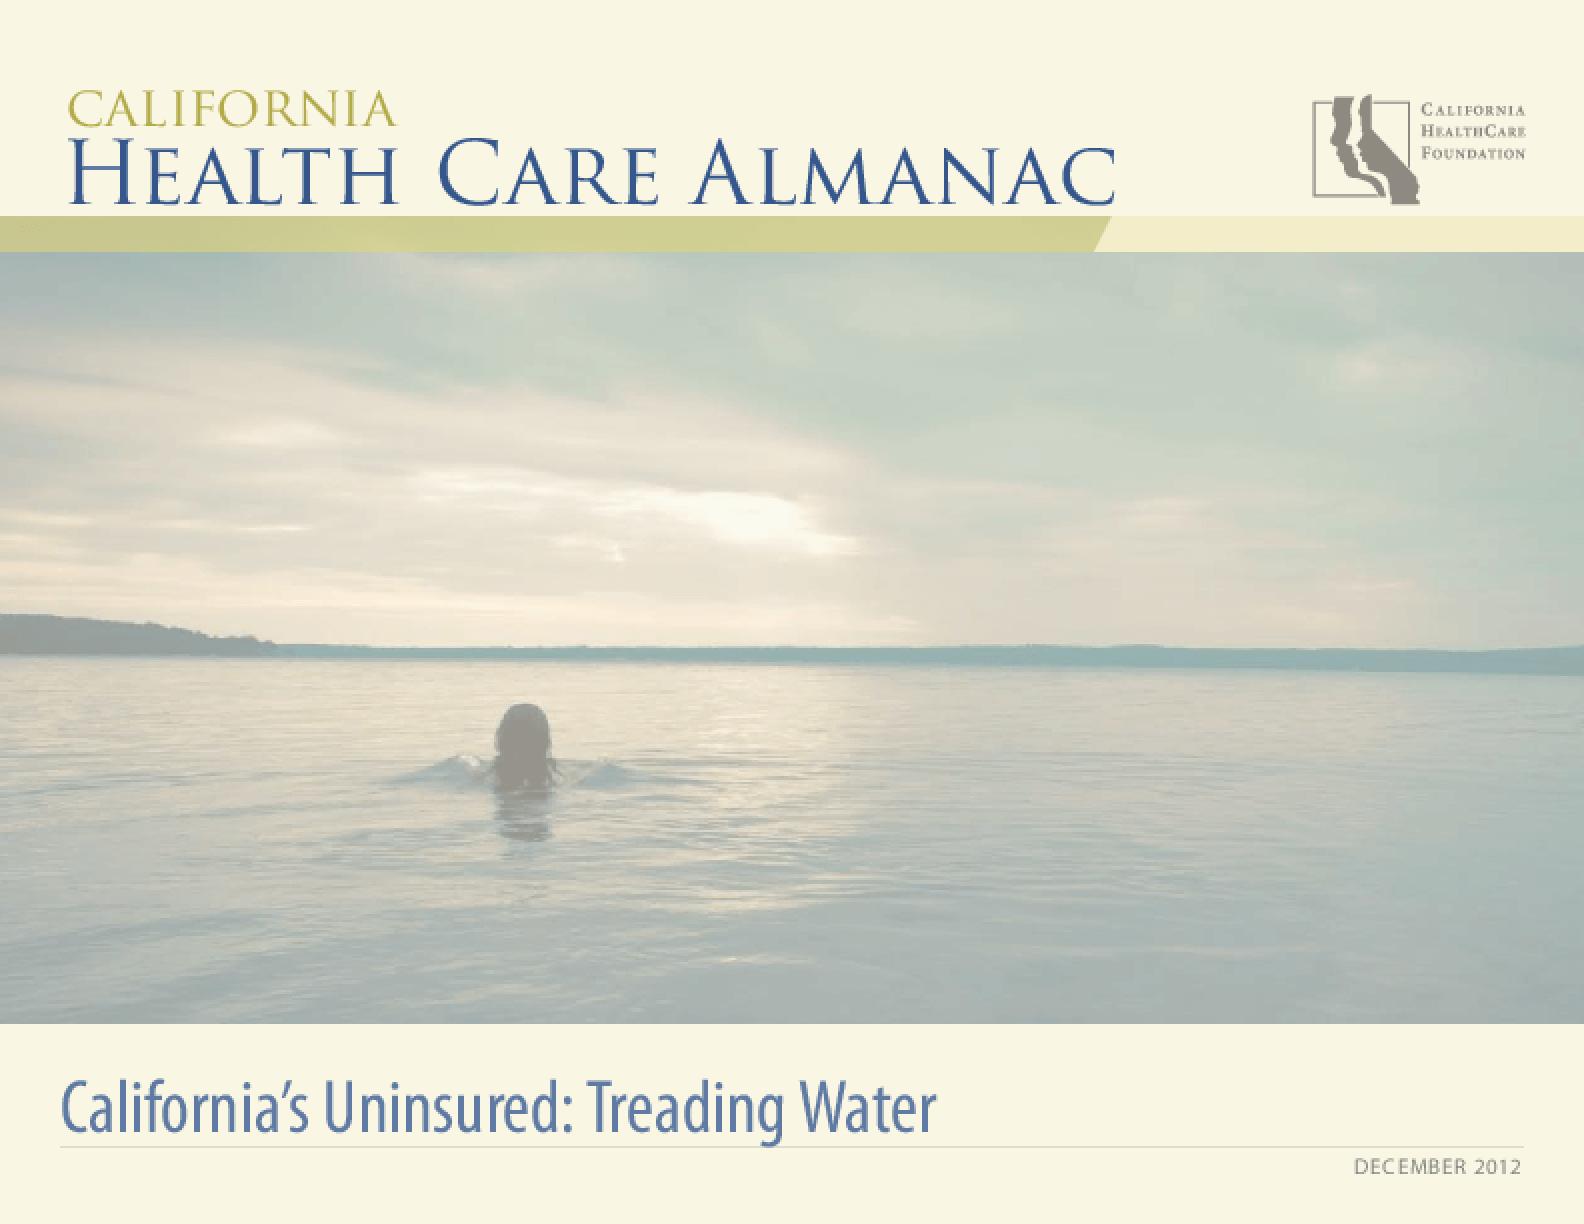 California's Uninsured: Treading Water